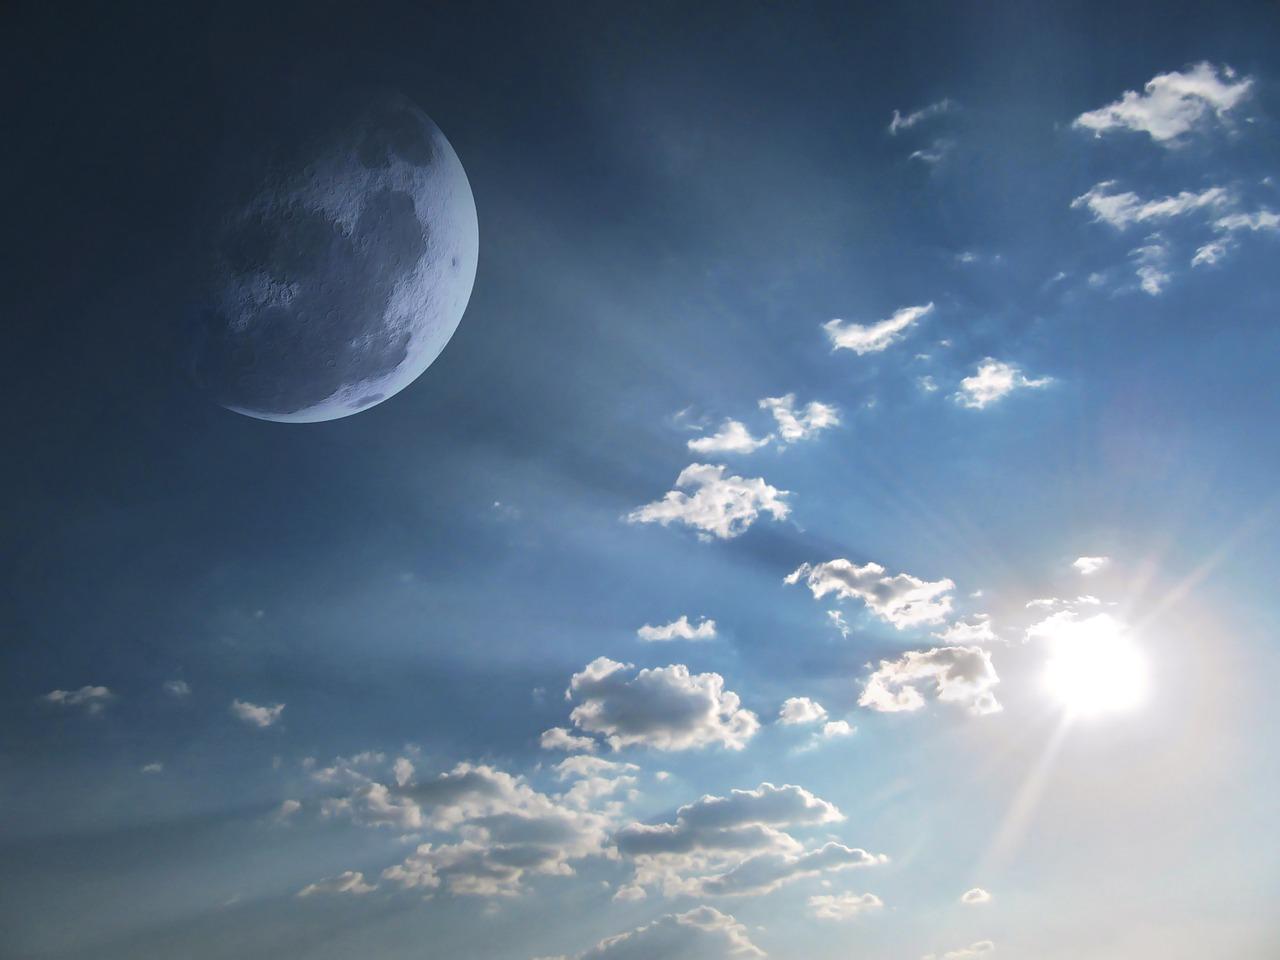 sky-583724_1280